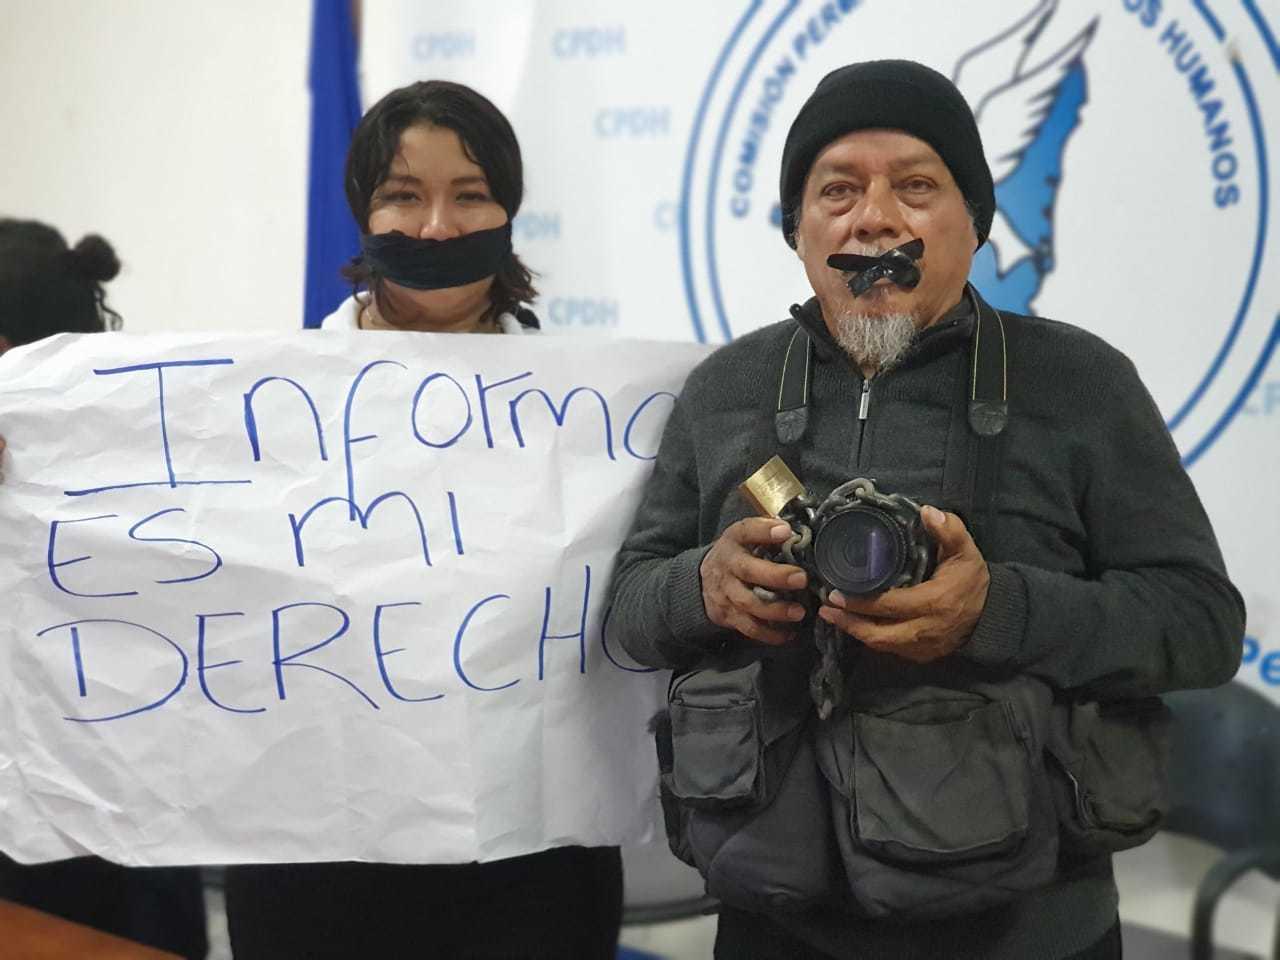 Periodistas se amordazan y encadenan su cámara en símbolo de protesta. Foto: Álvaro Navarro/Artículo 66